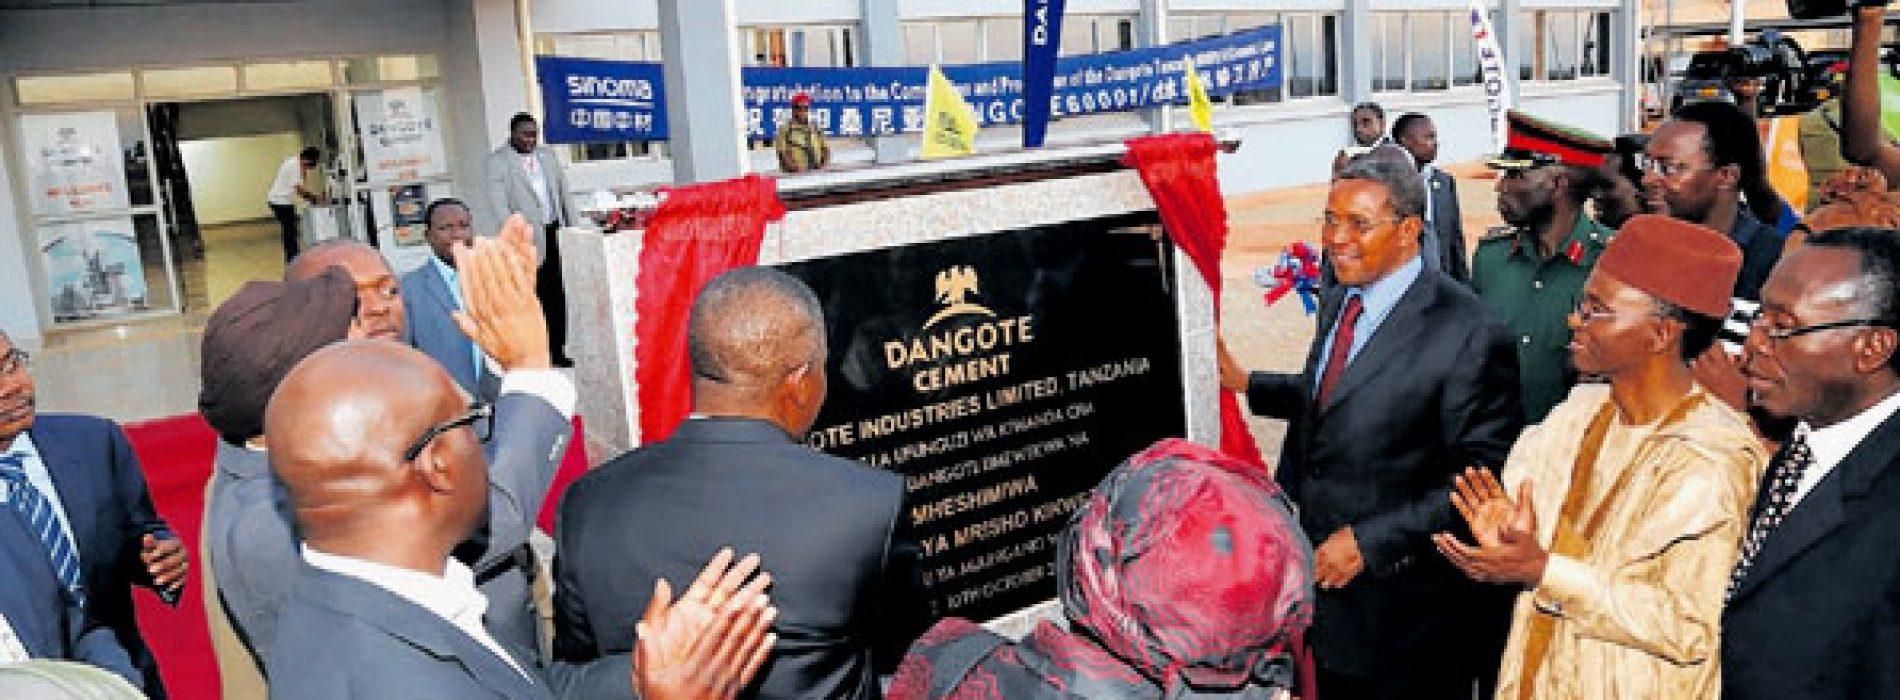 Tanzania: Dangote raggiunge un accordo sulla fornitura di gas naturale